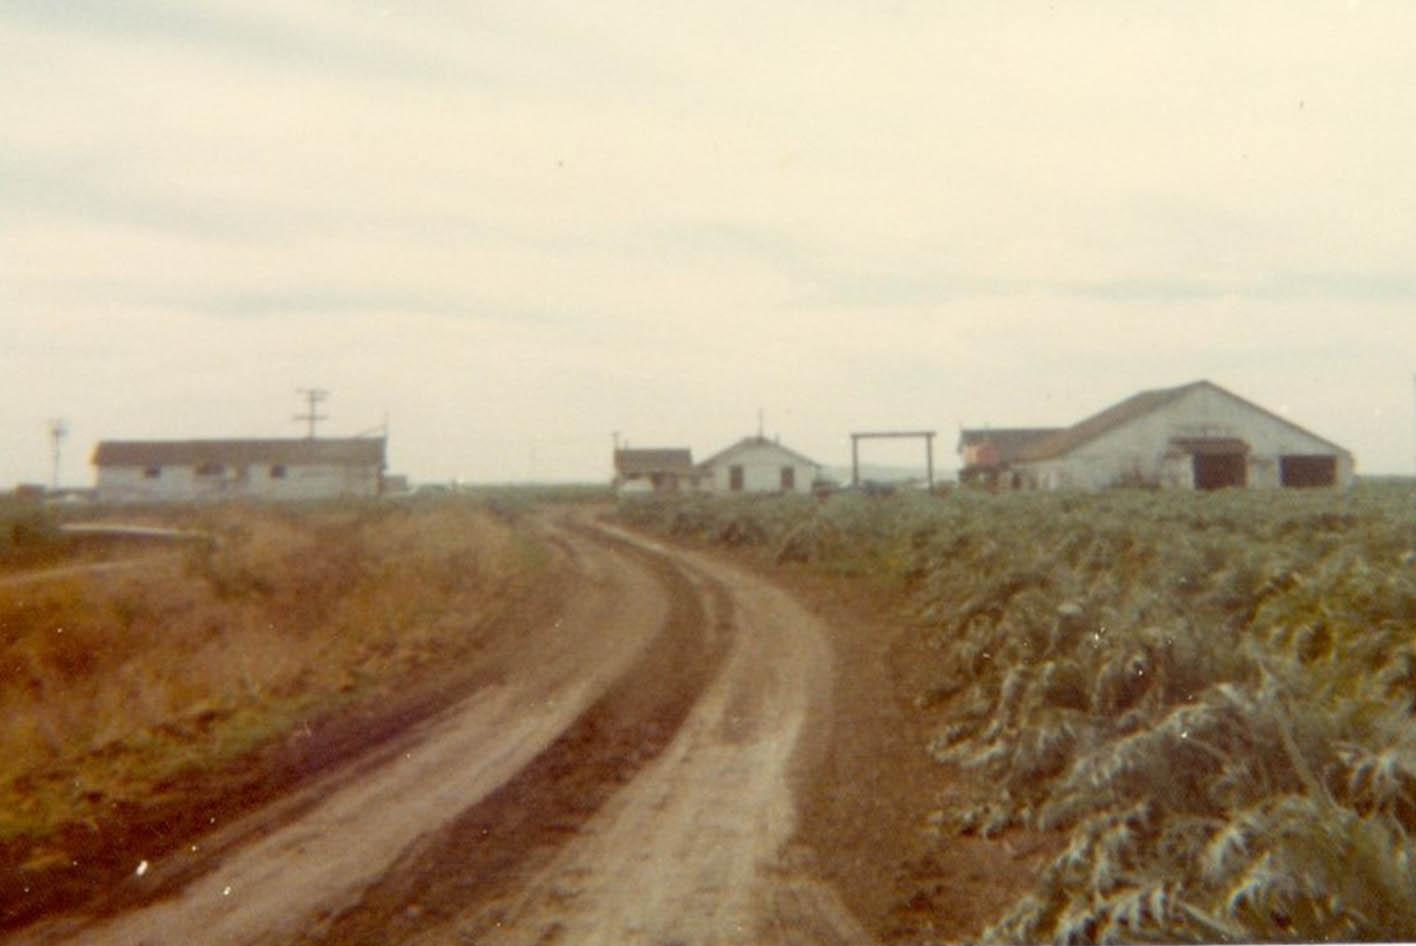 Artichoke festival artichoke fields history